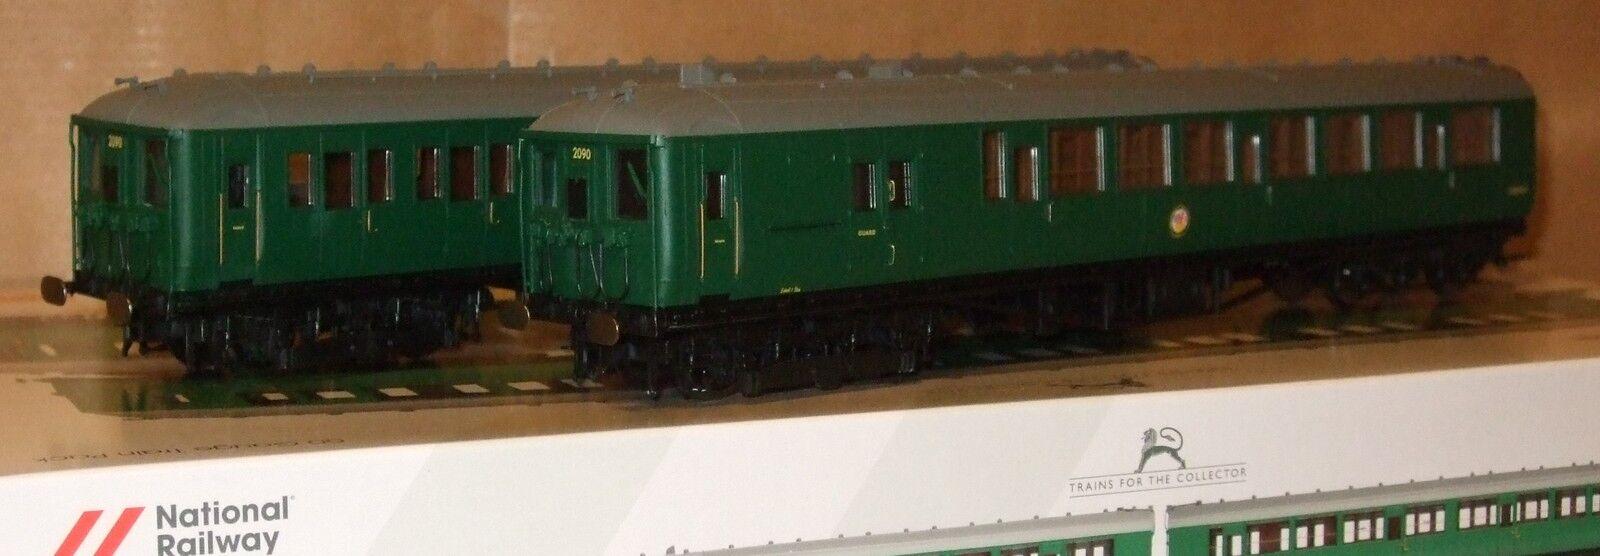 Hornby R3177 BR klass 401 2 -BIL EMU nr 2090 BR grön lever NRM utgåva NY